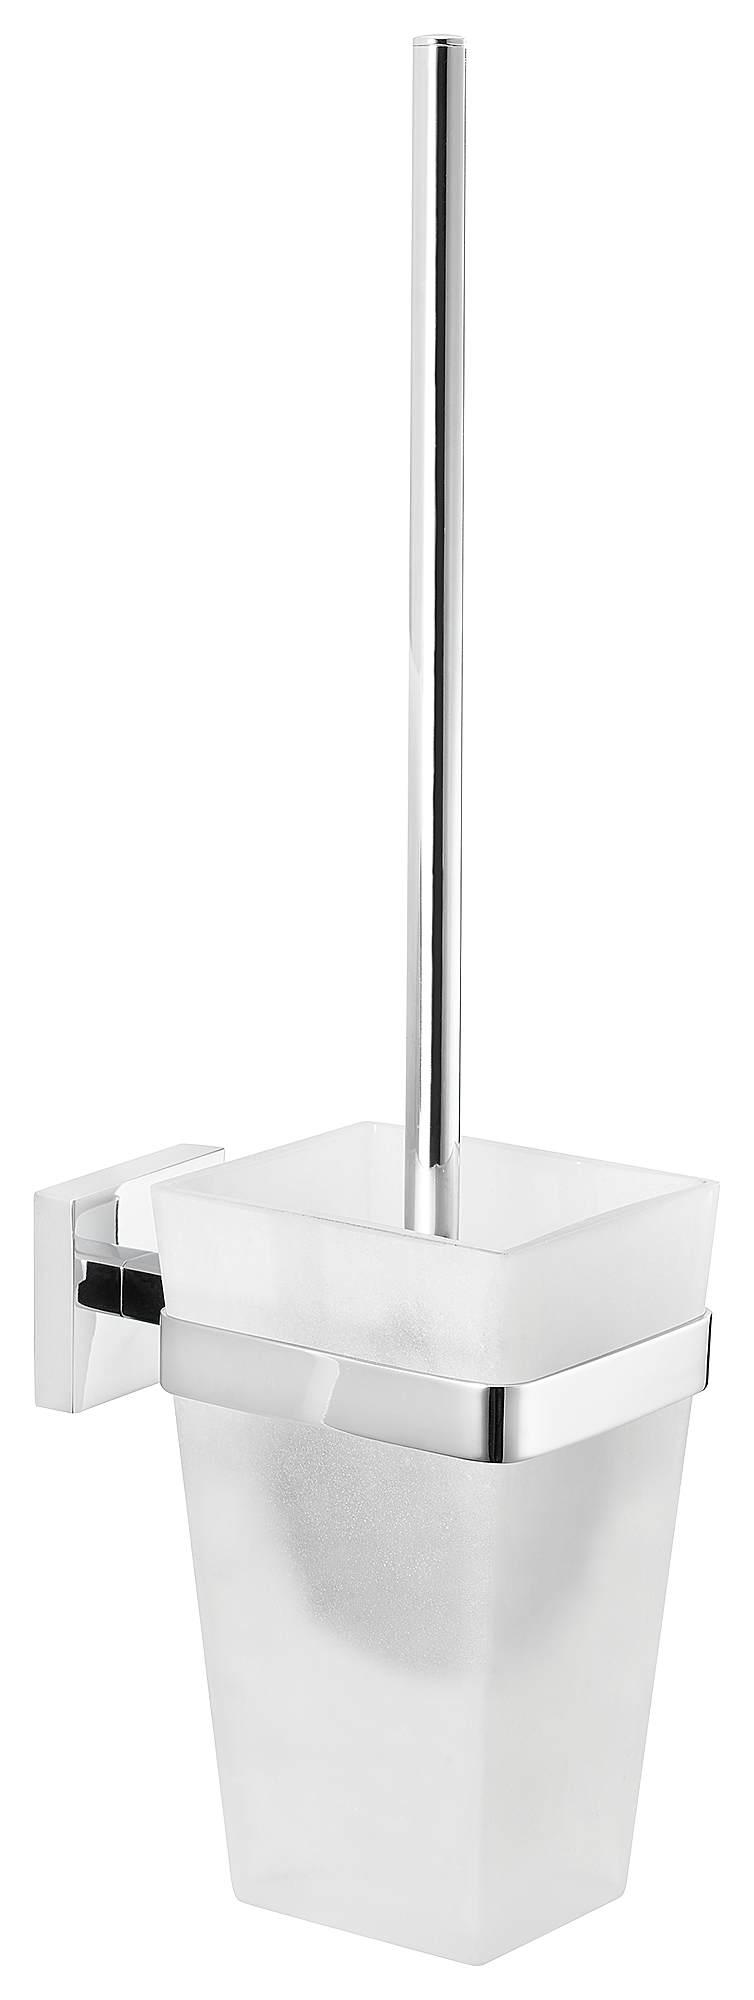 Toilettenbürstenhalter Meinbad By Tesa